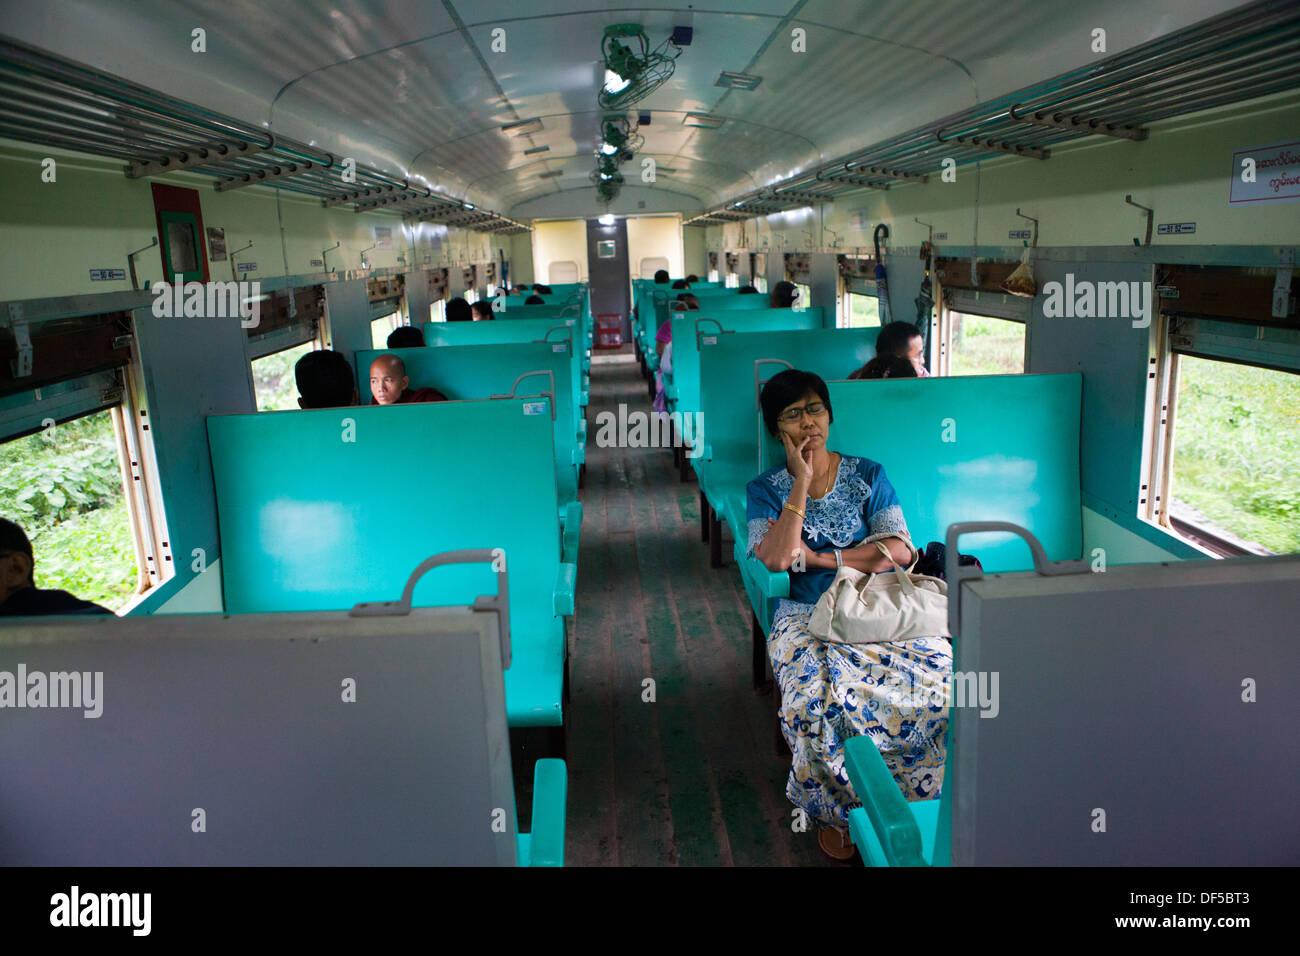 People ride in a railroad car in Yangon, Burma. - Stock Image